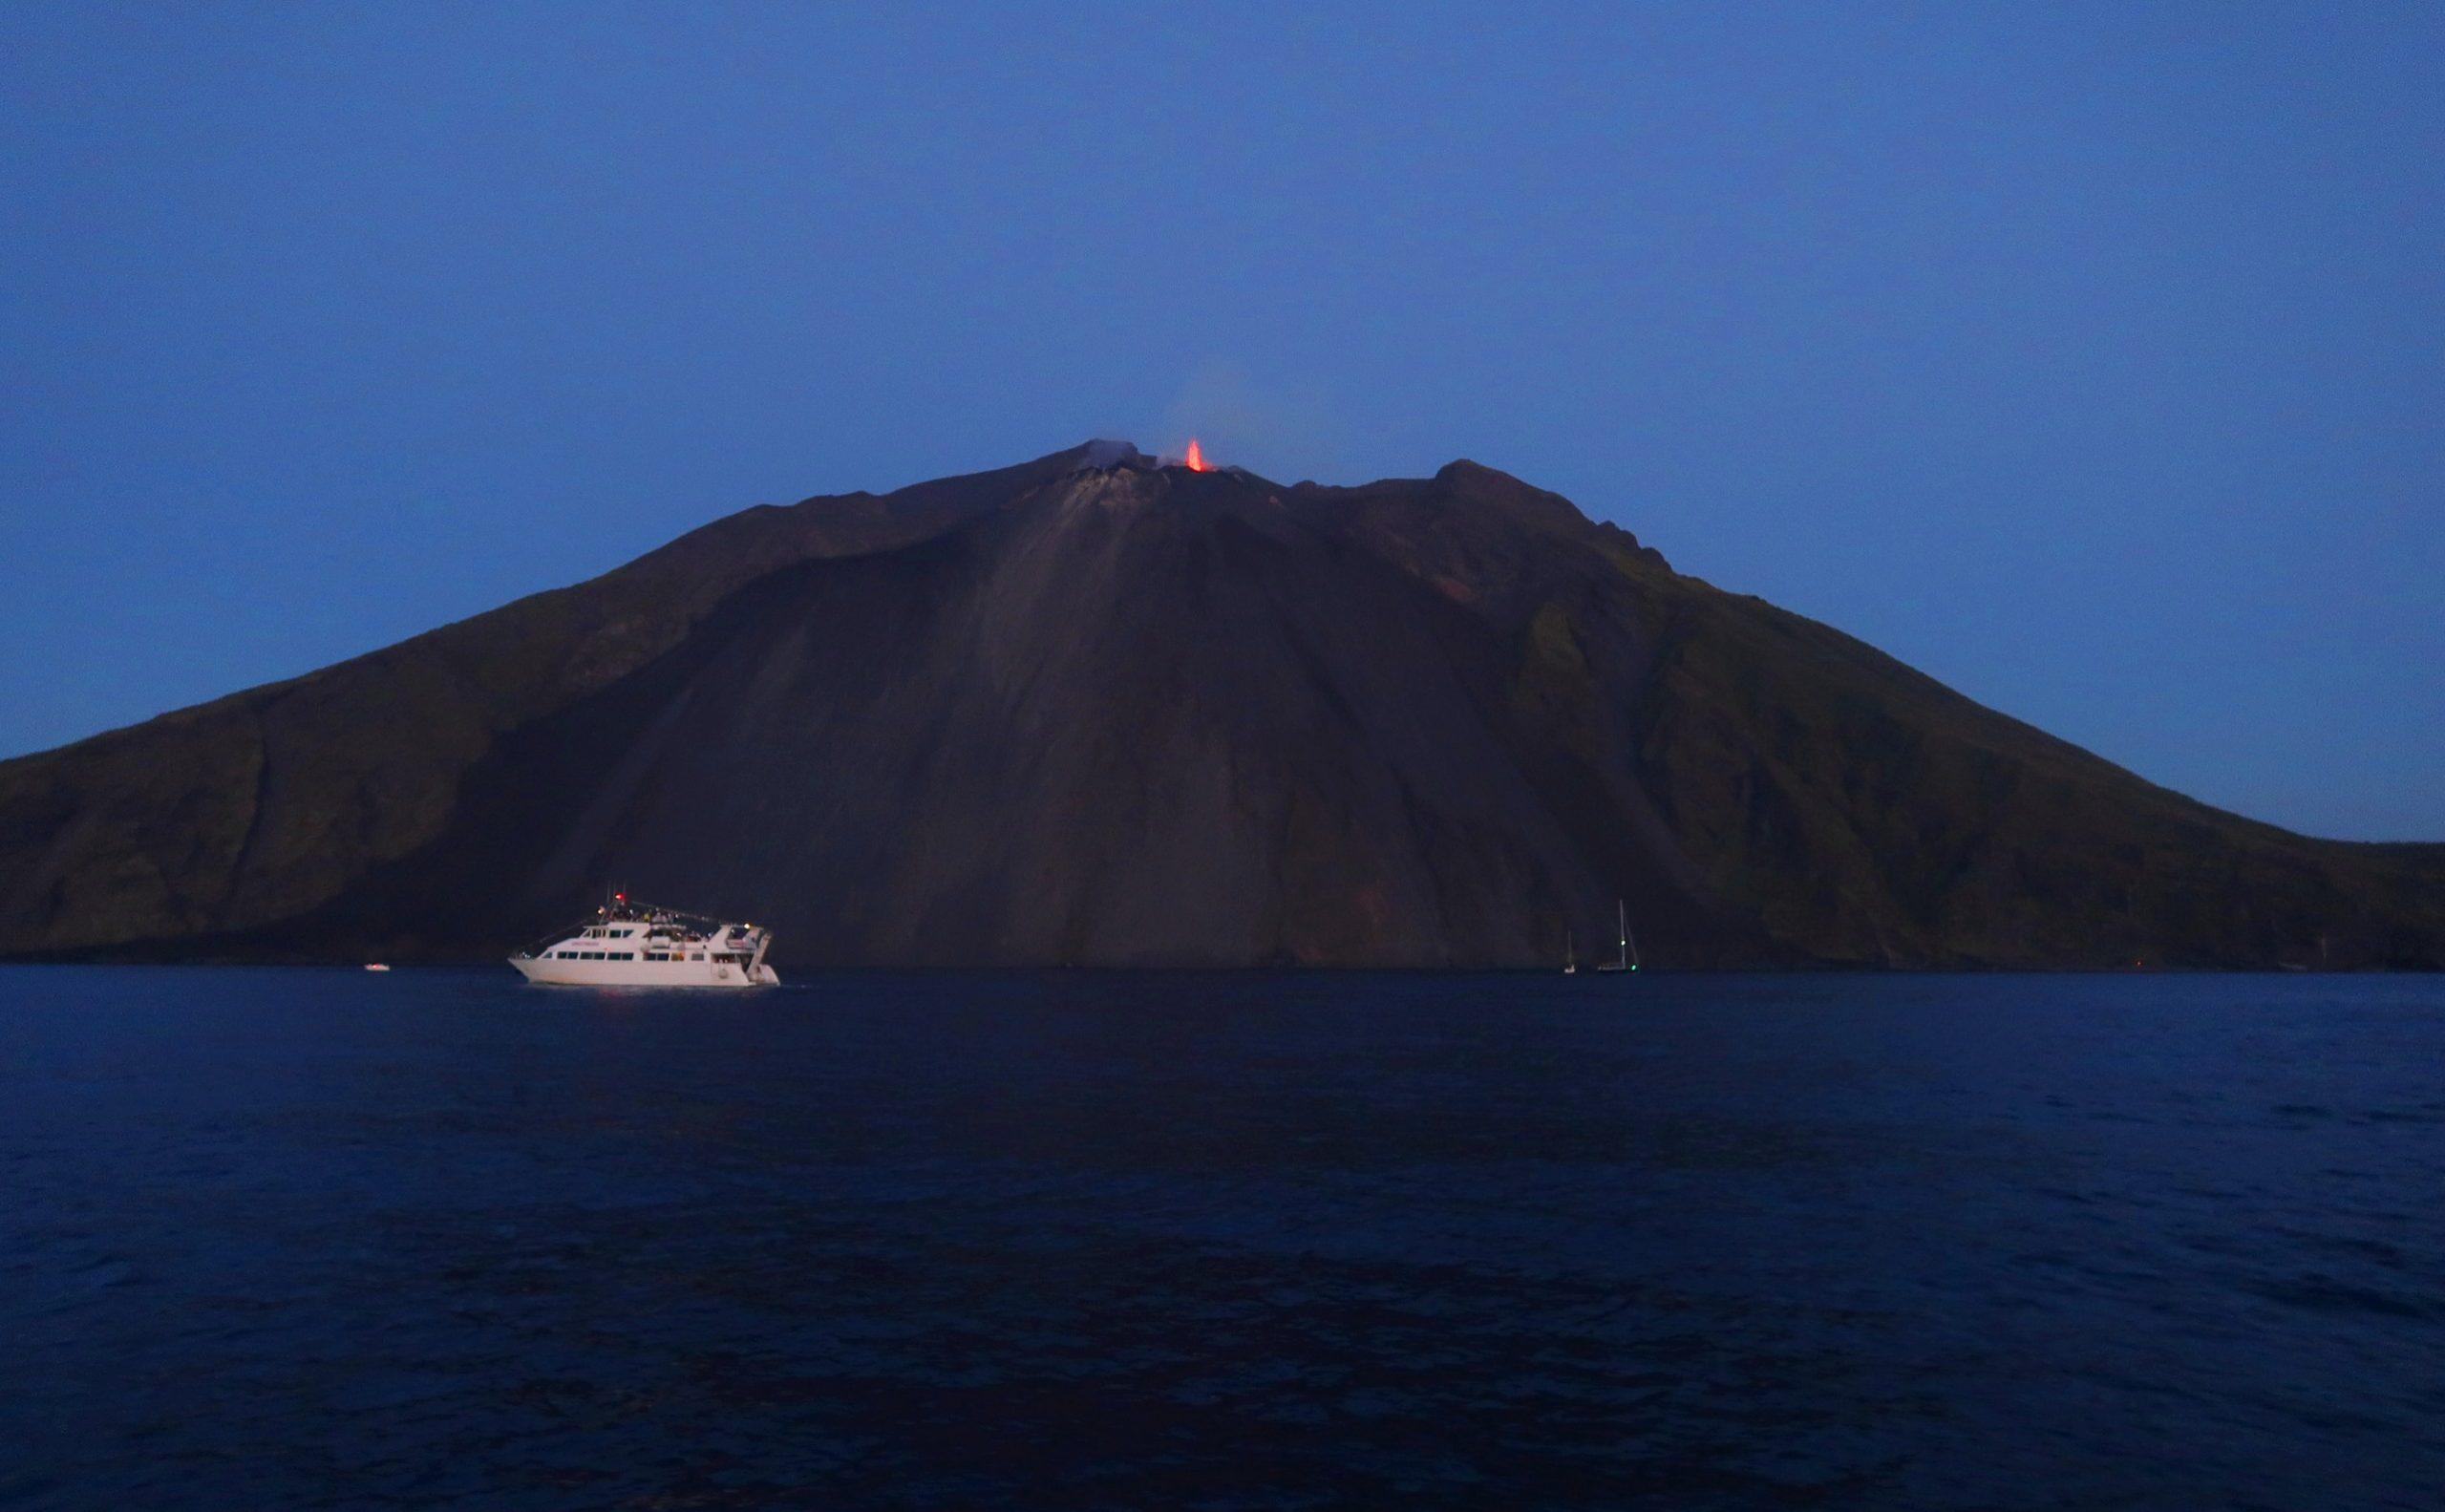 sciara del fuoco del vulcano Stromboli